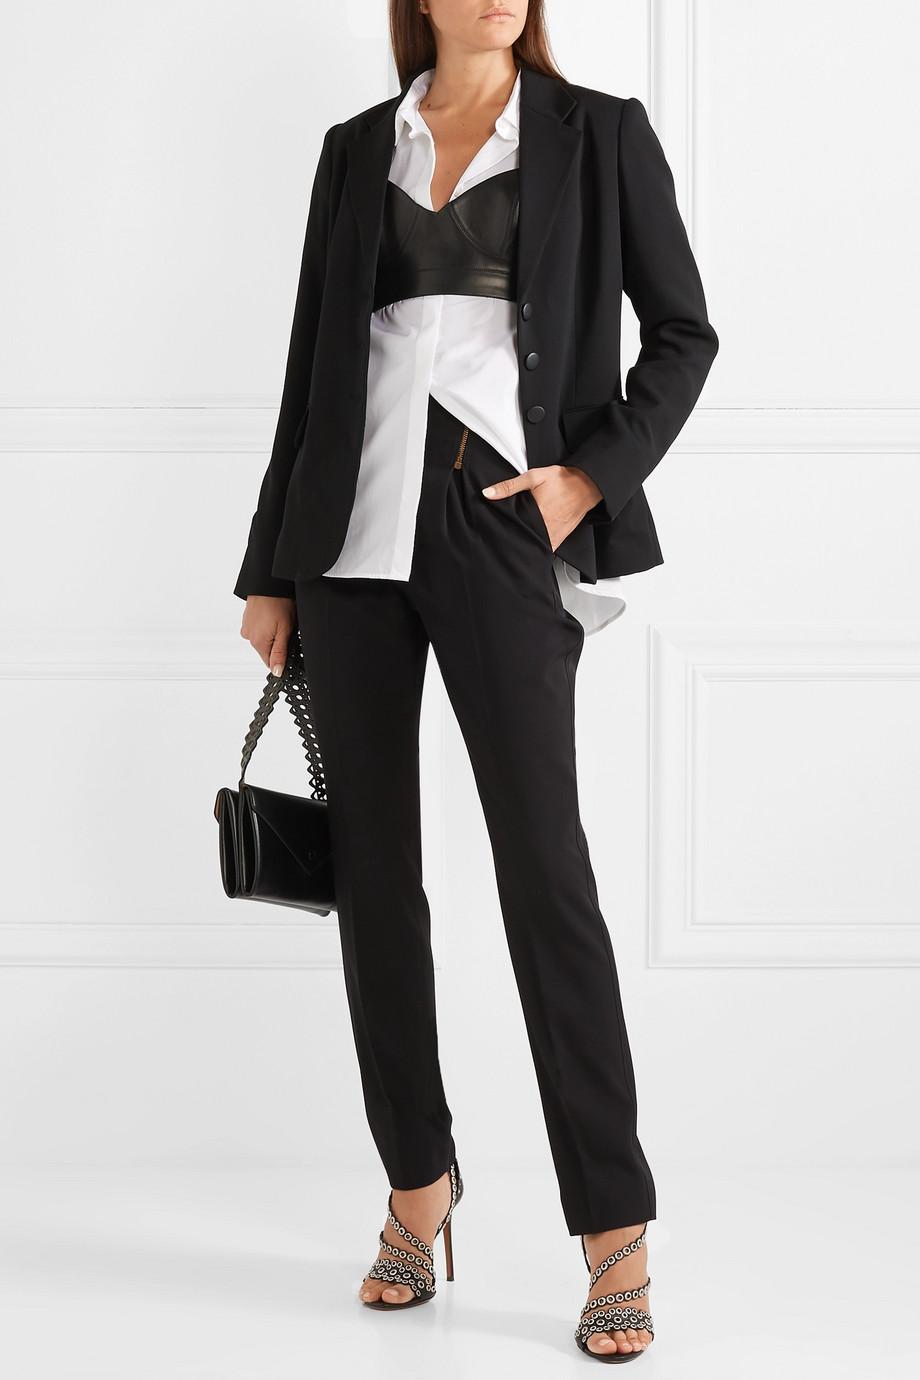 Alaïa Leather bustier top